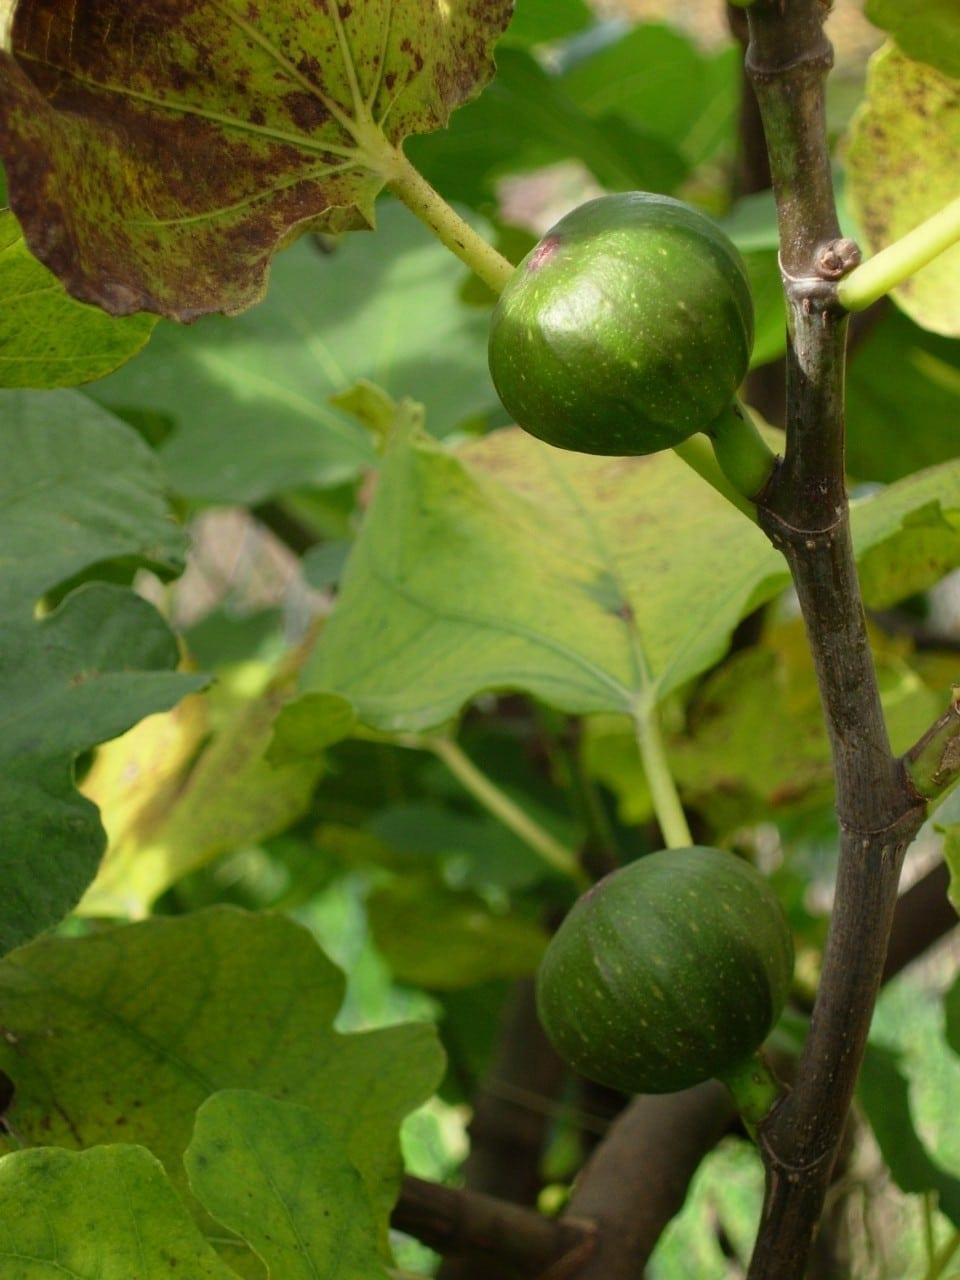 14.06.-23.06. Feigenbaum: Hochzeitsbaum des Einklangs